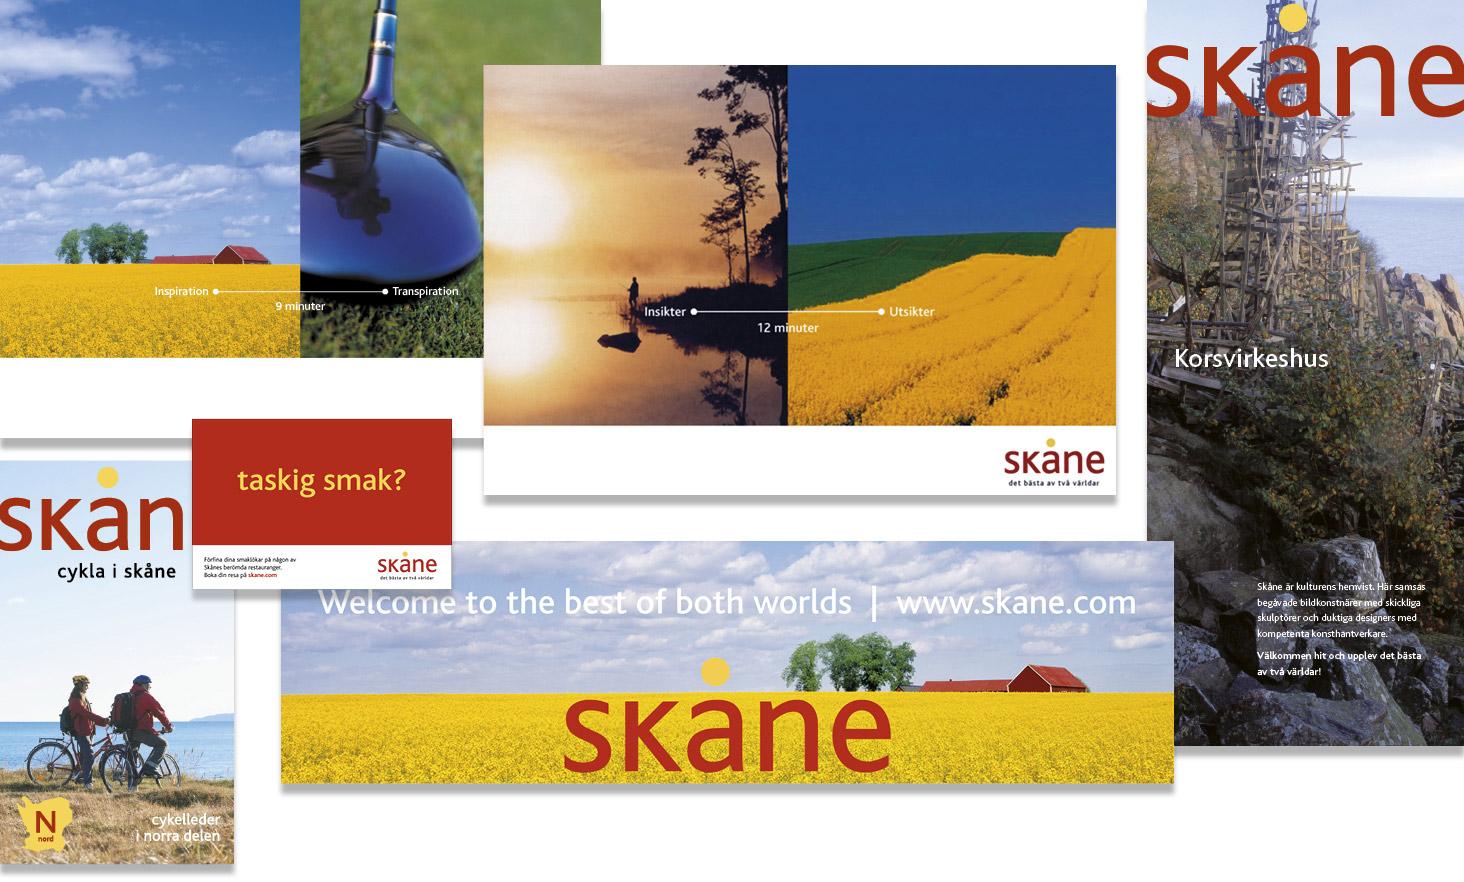 Varumärket Skåne Kommunikationsplattform 2